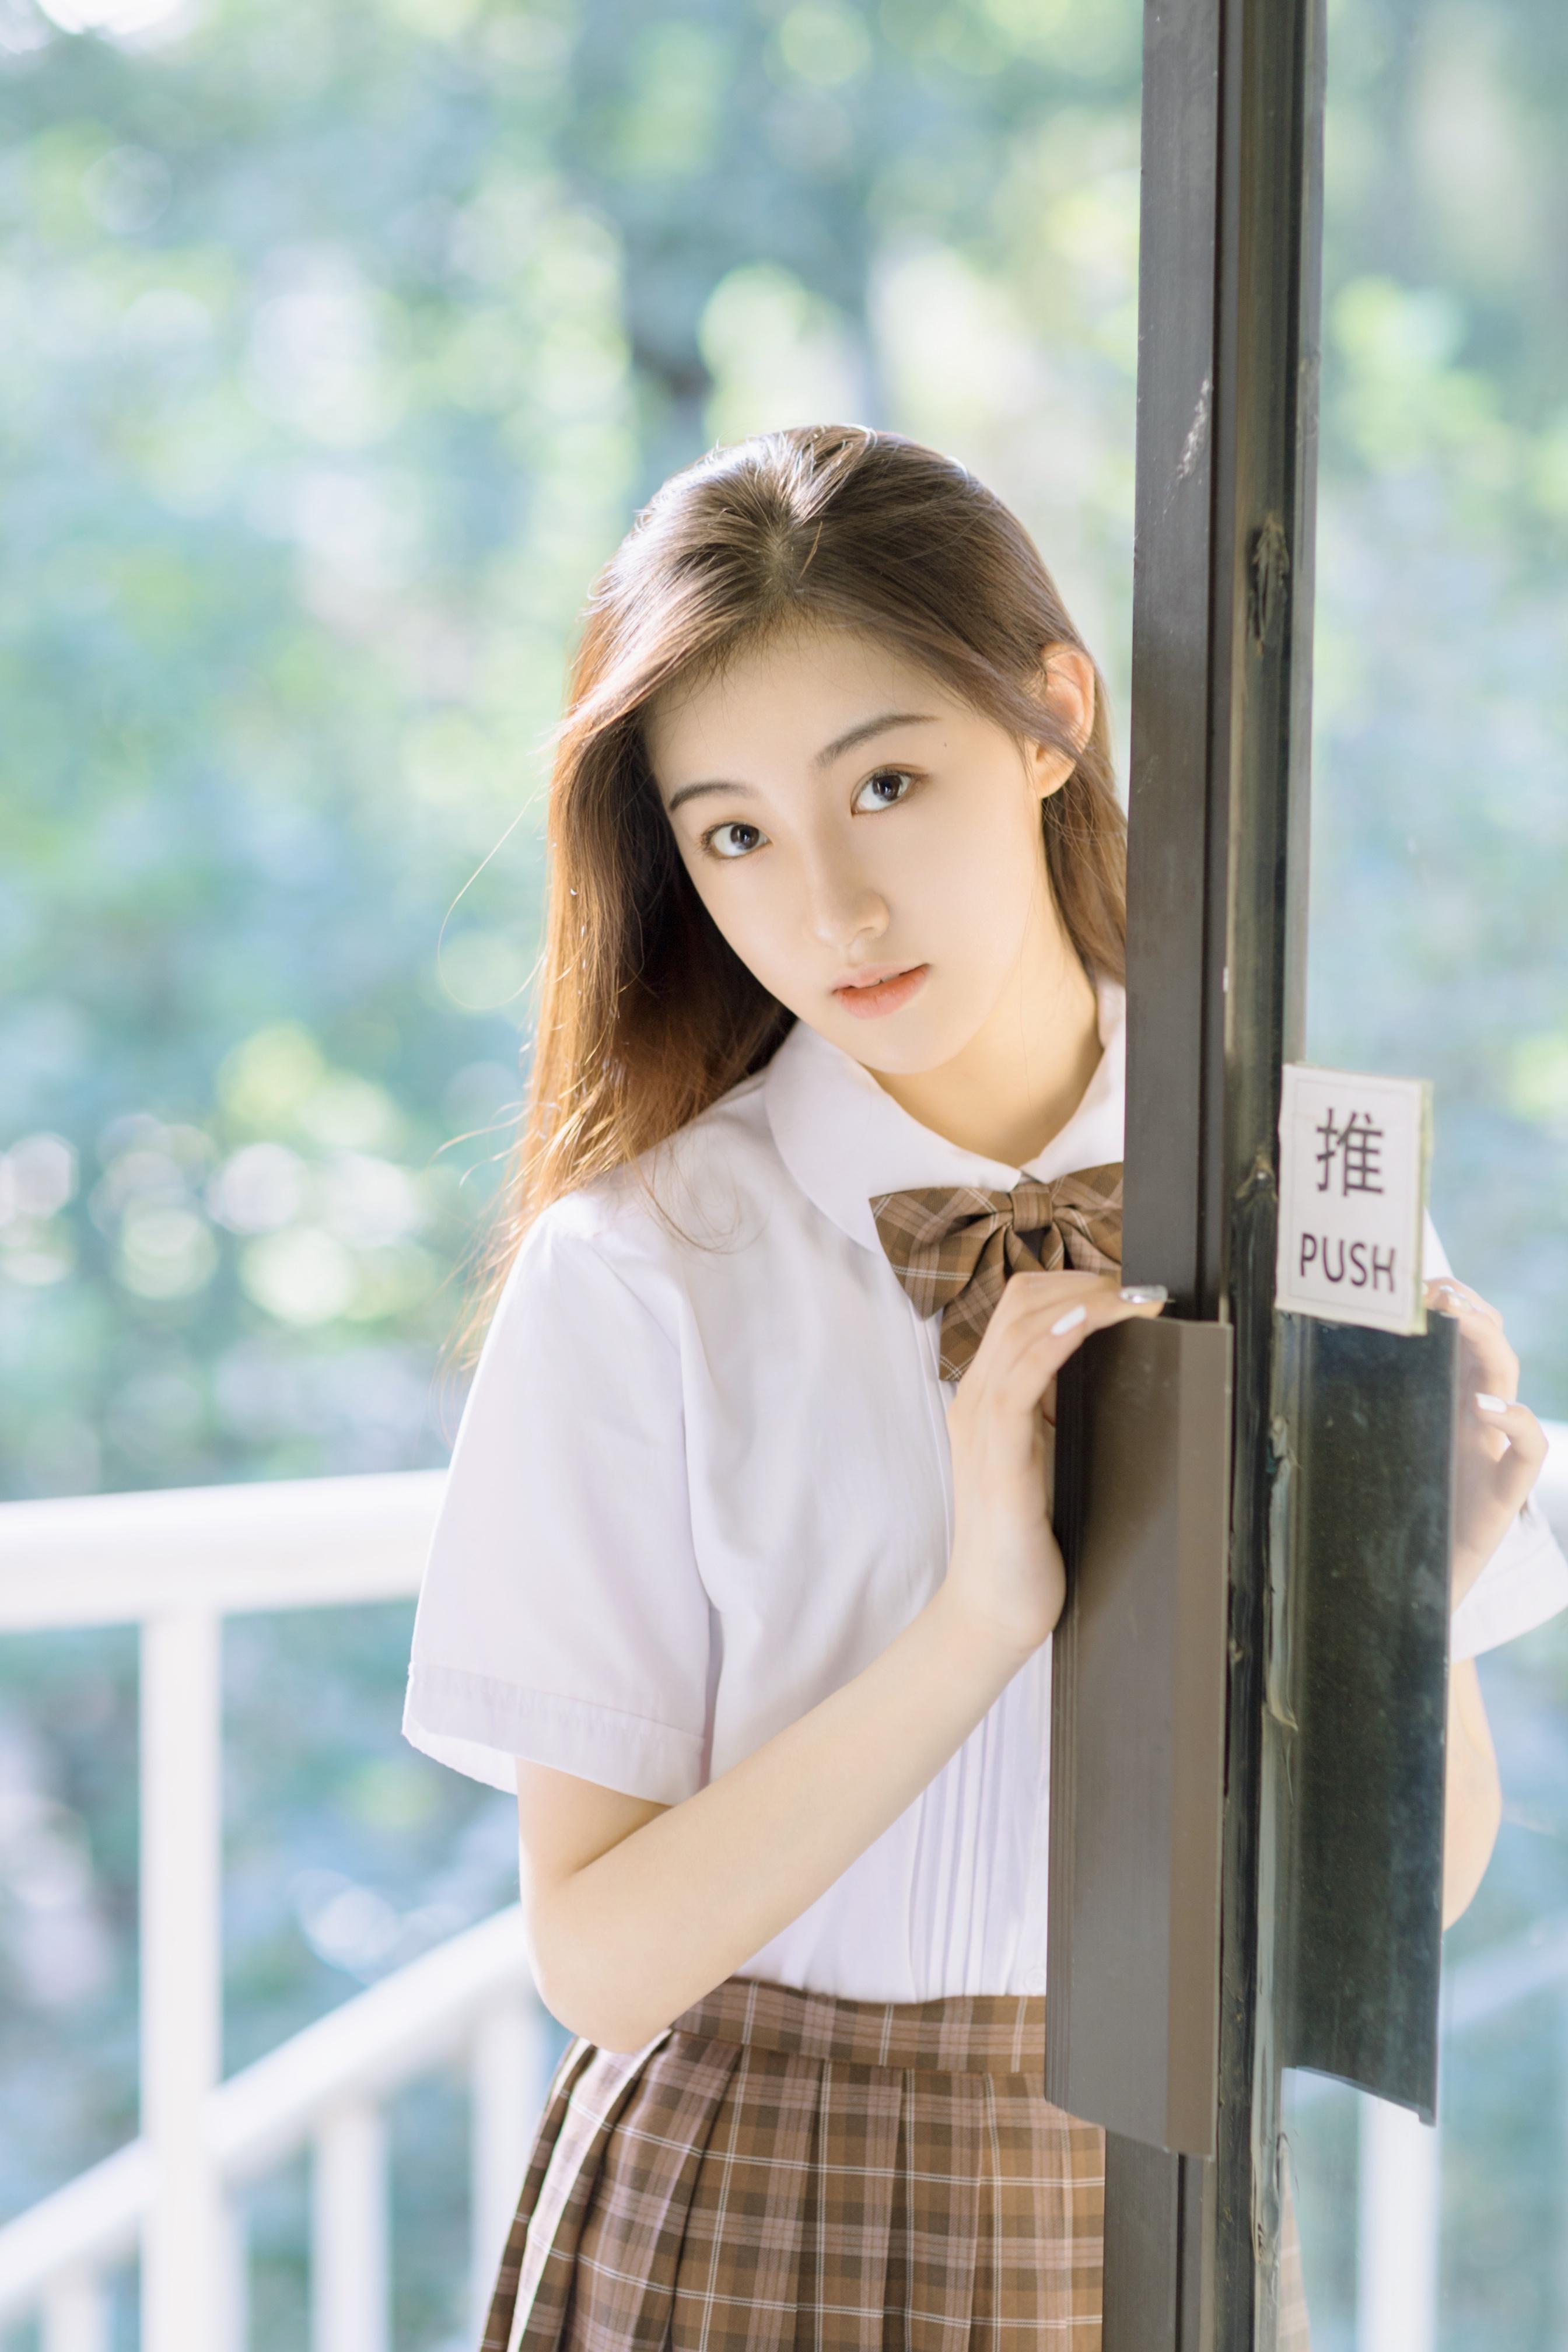 【校花日志】2019狐友校花马丝桐喜欢极限运动会跳中国舞的双鱼座girl